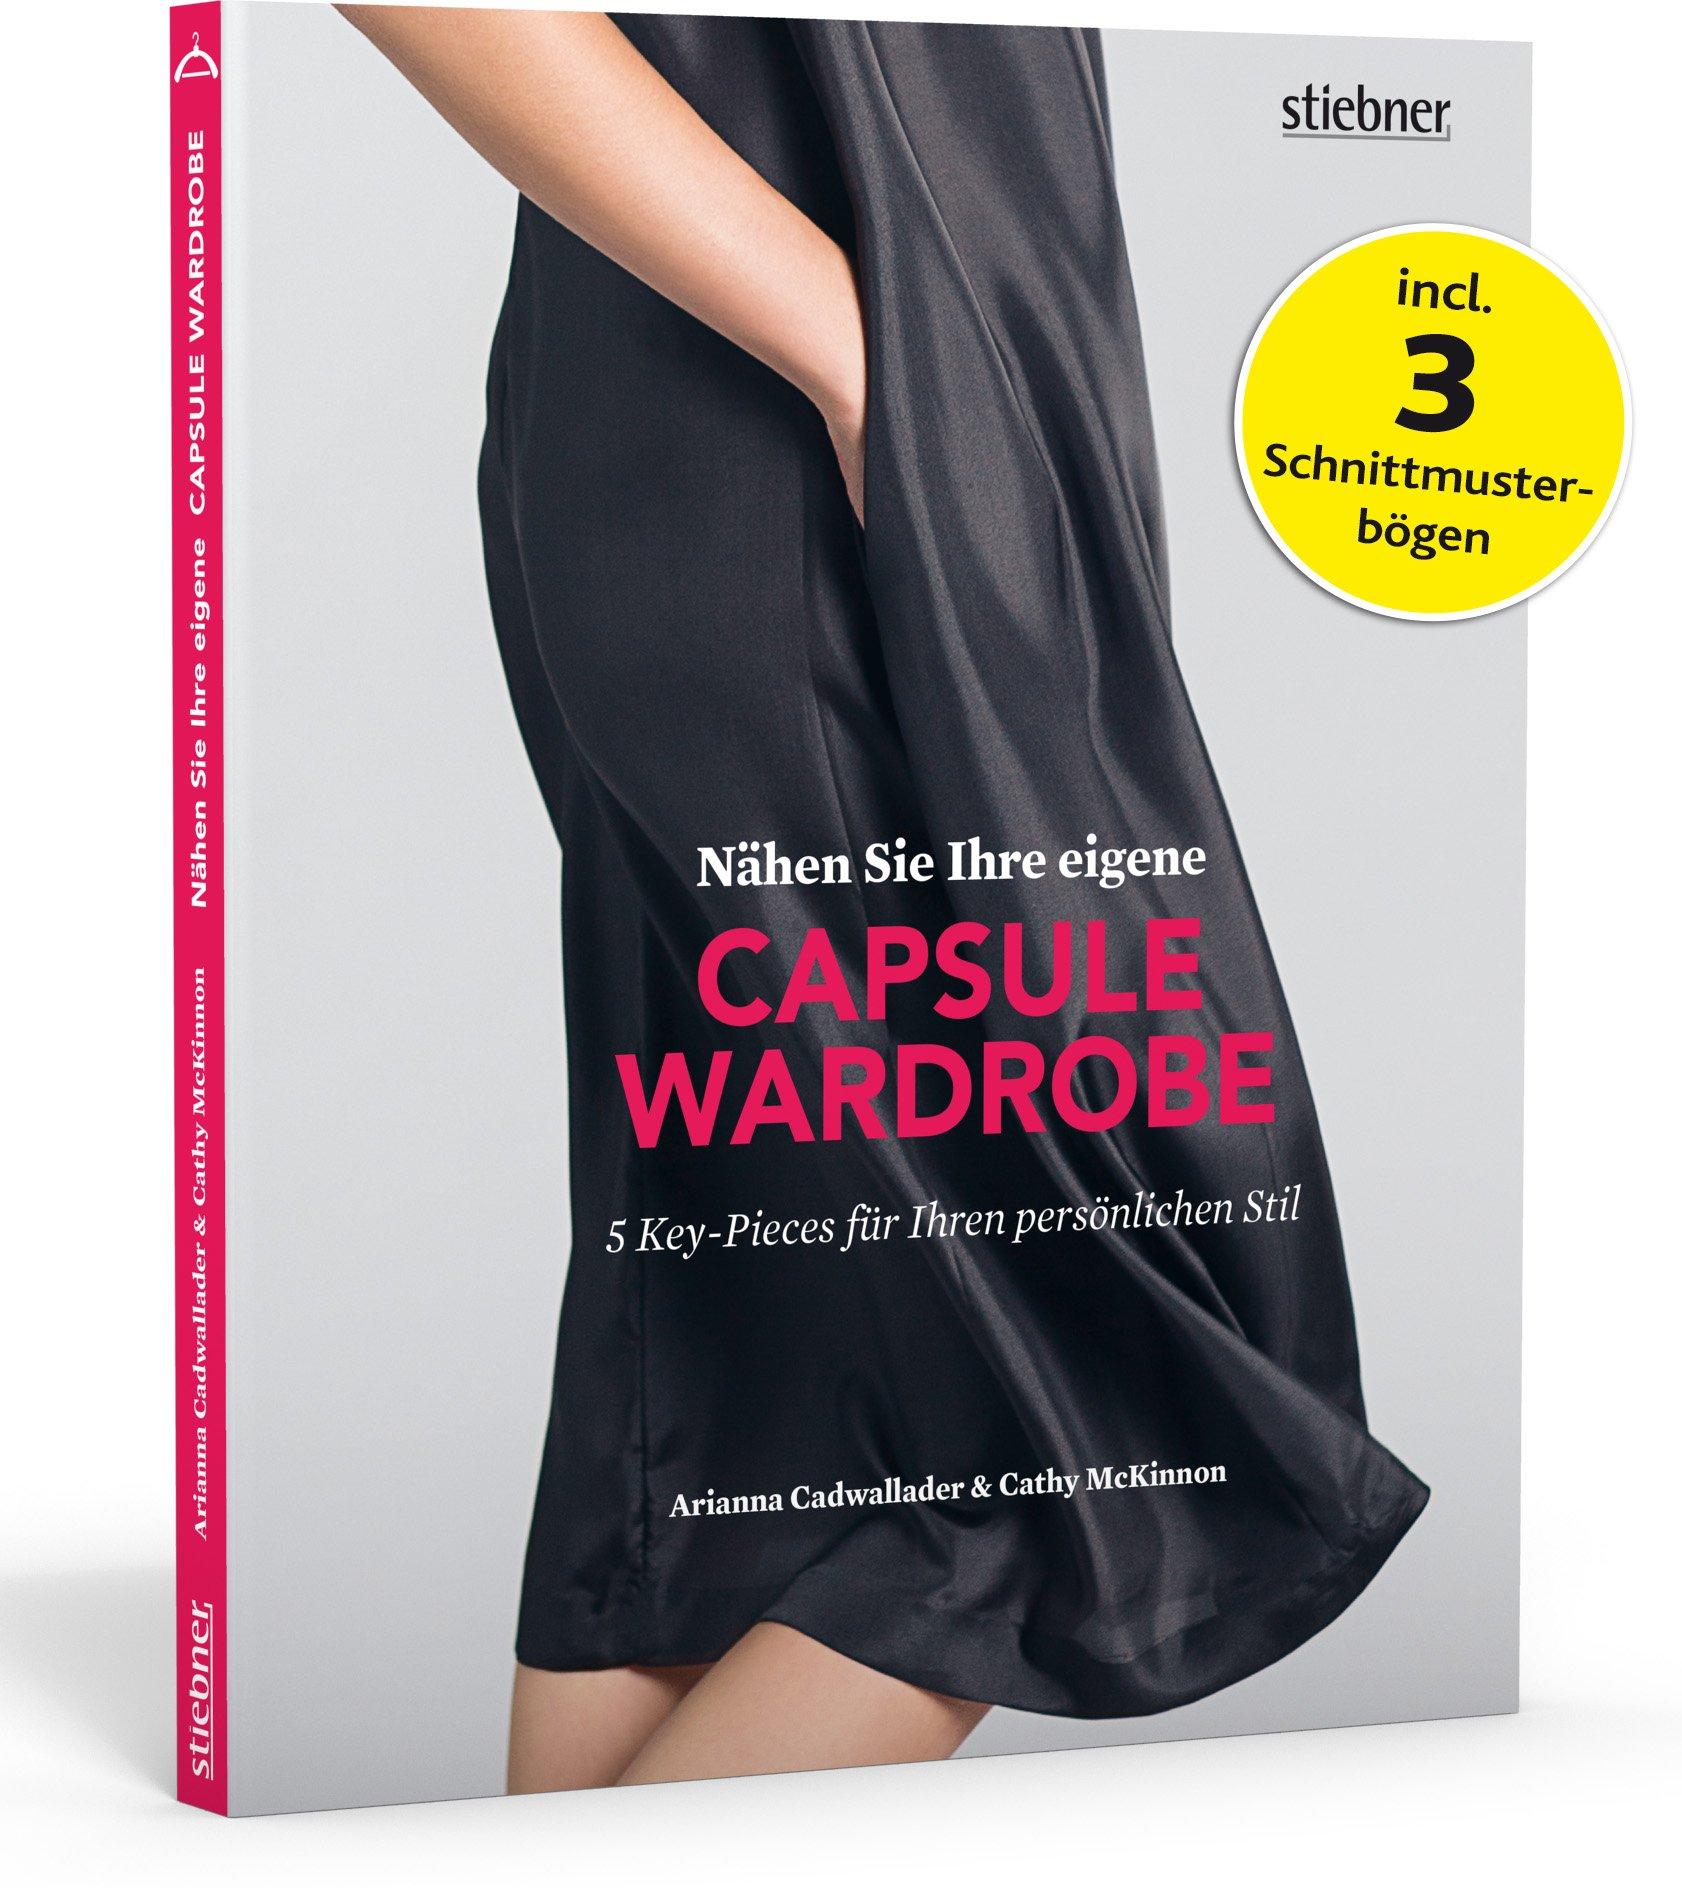 Nähen Sie Ihre eigene Capsule Wardrobe: 5 Key-Pieces für Ihren persönlichen Stil (incl. 3 Schnittmusterbögen)